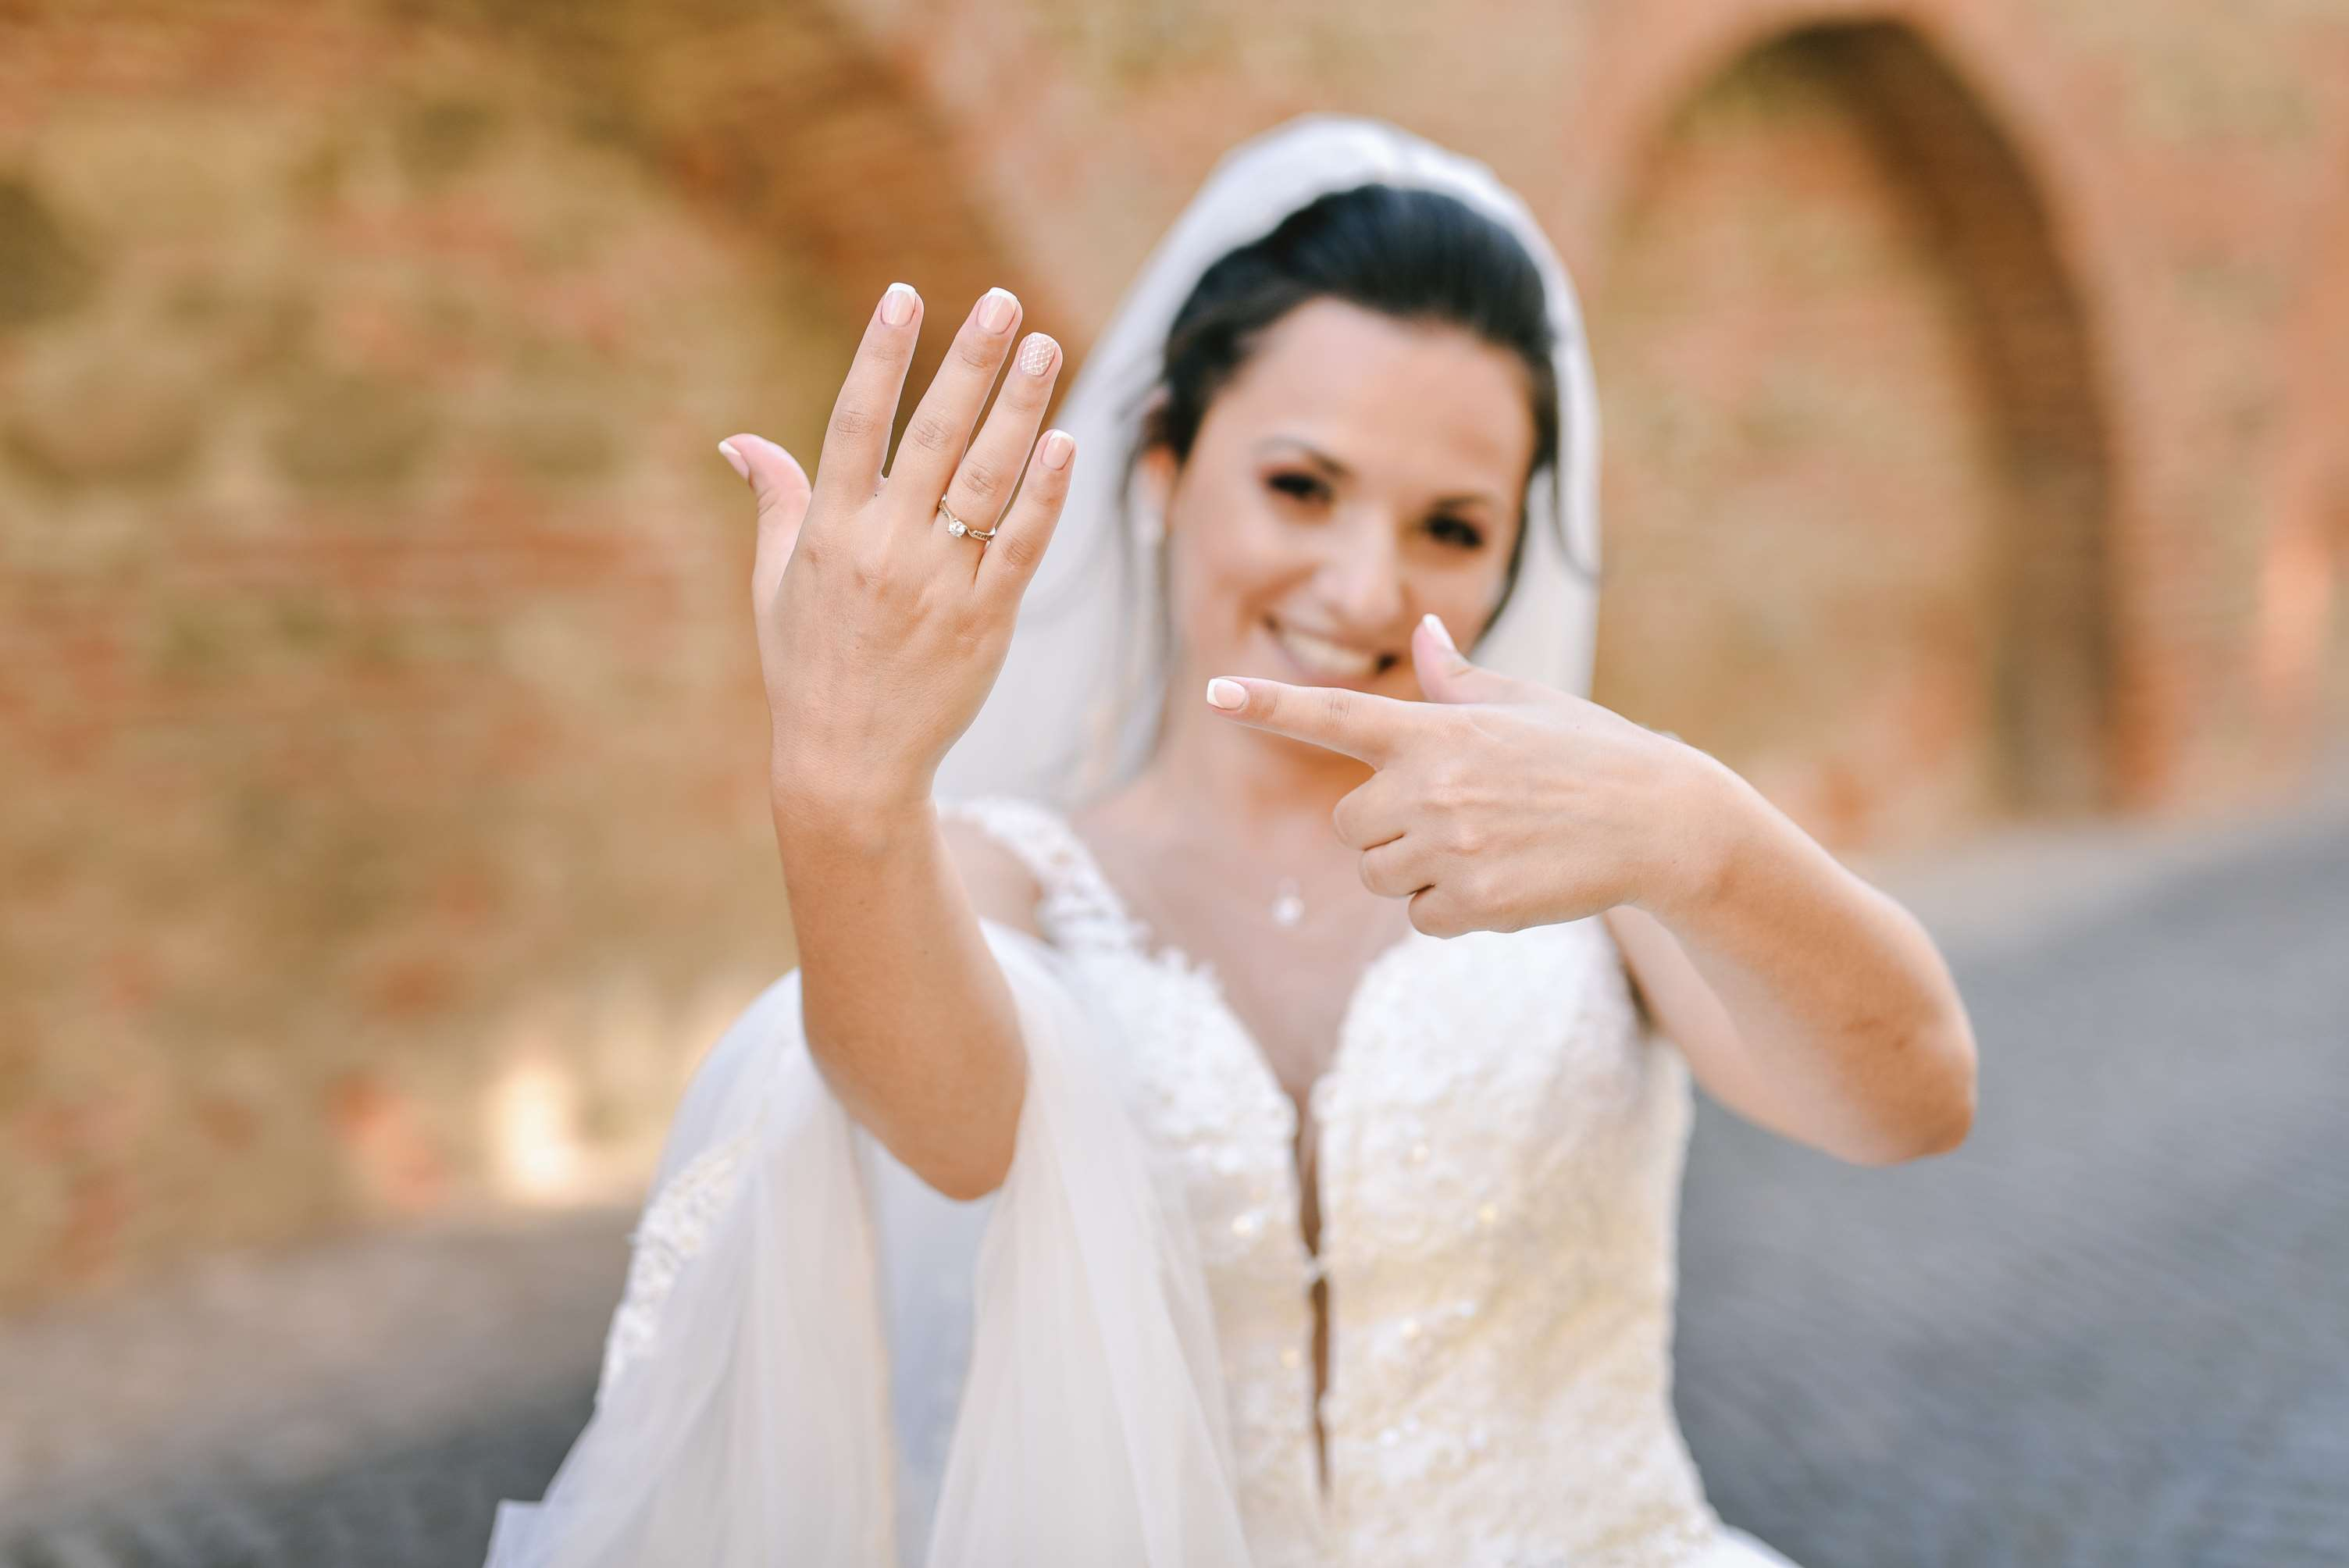 Nunta-Sibiu-fotograf-24